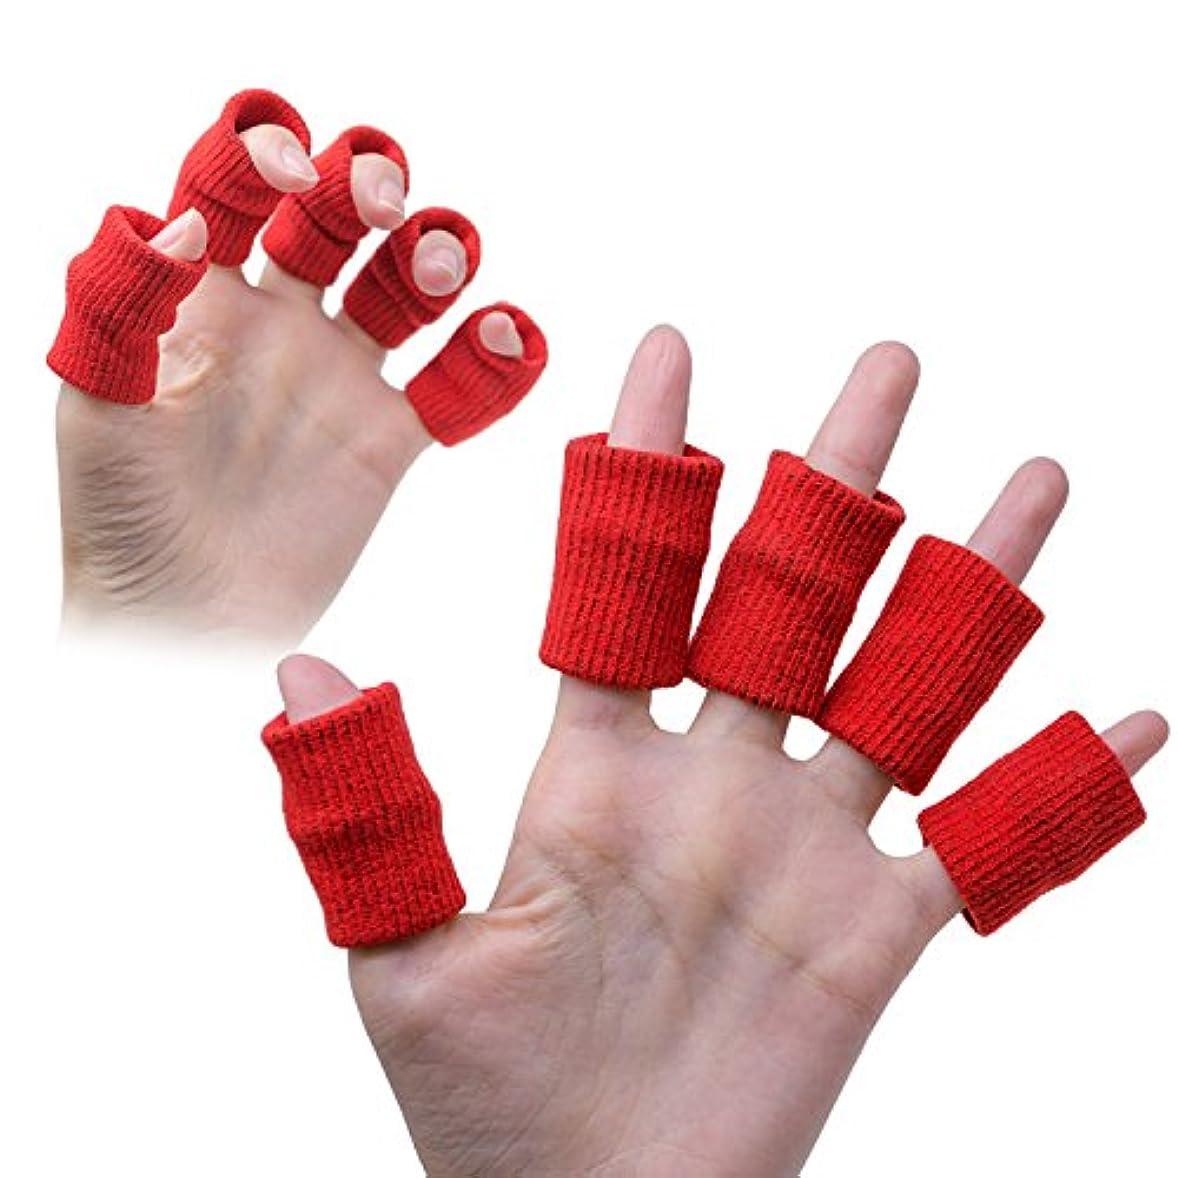 分配しますセラー混乱したSumifun 親指プロテクター 足指チューブ ? ゲルプロテクター ケア指スリーブ&指先保護は関節炎、硬さ、痛みを緩和する